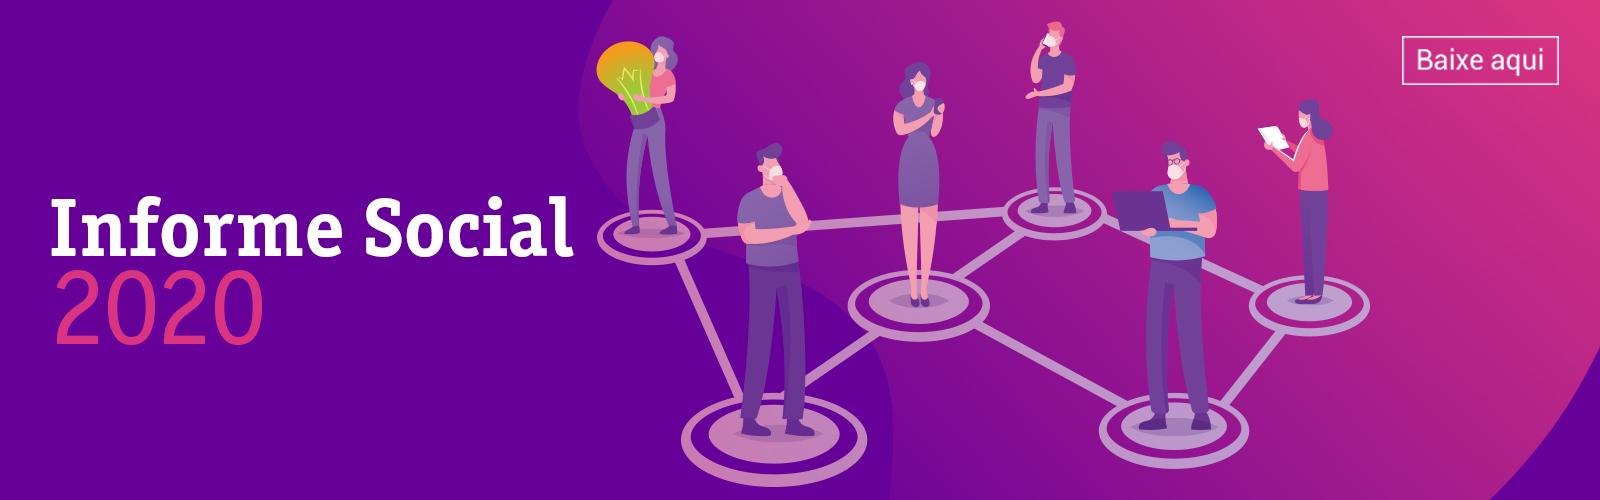 Capa do Informe Social 2020 da Fundação Telefônica Vivo